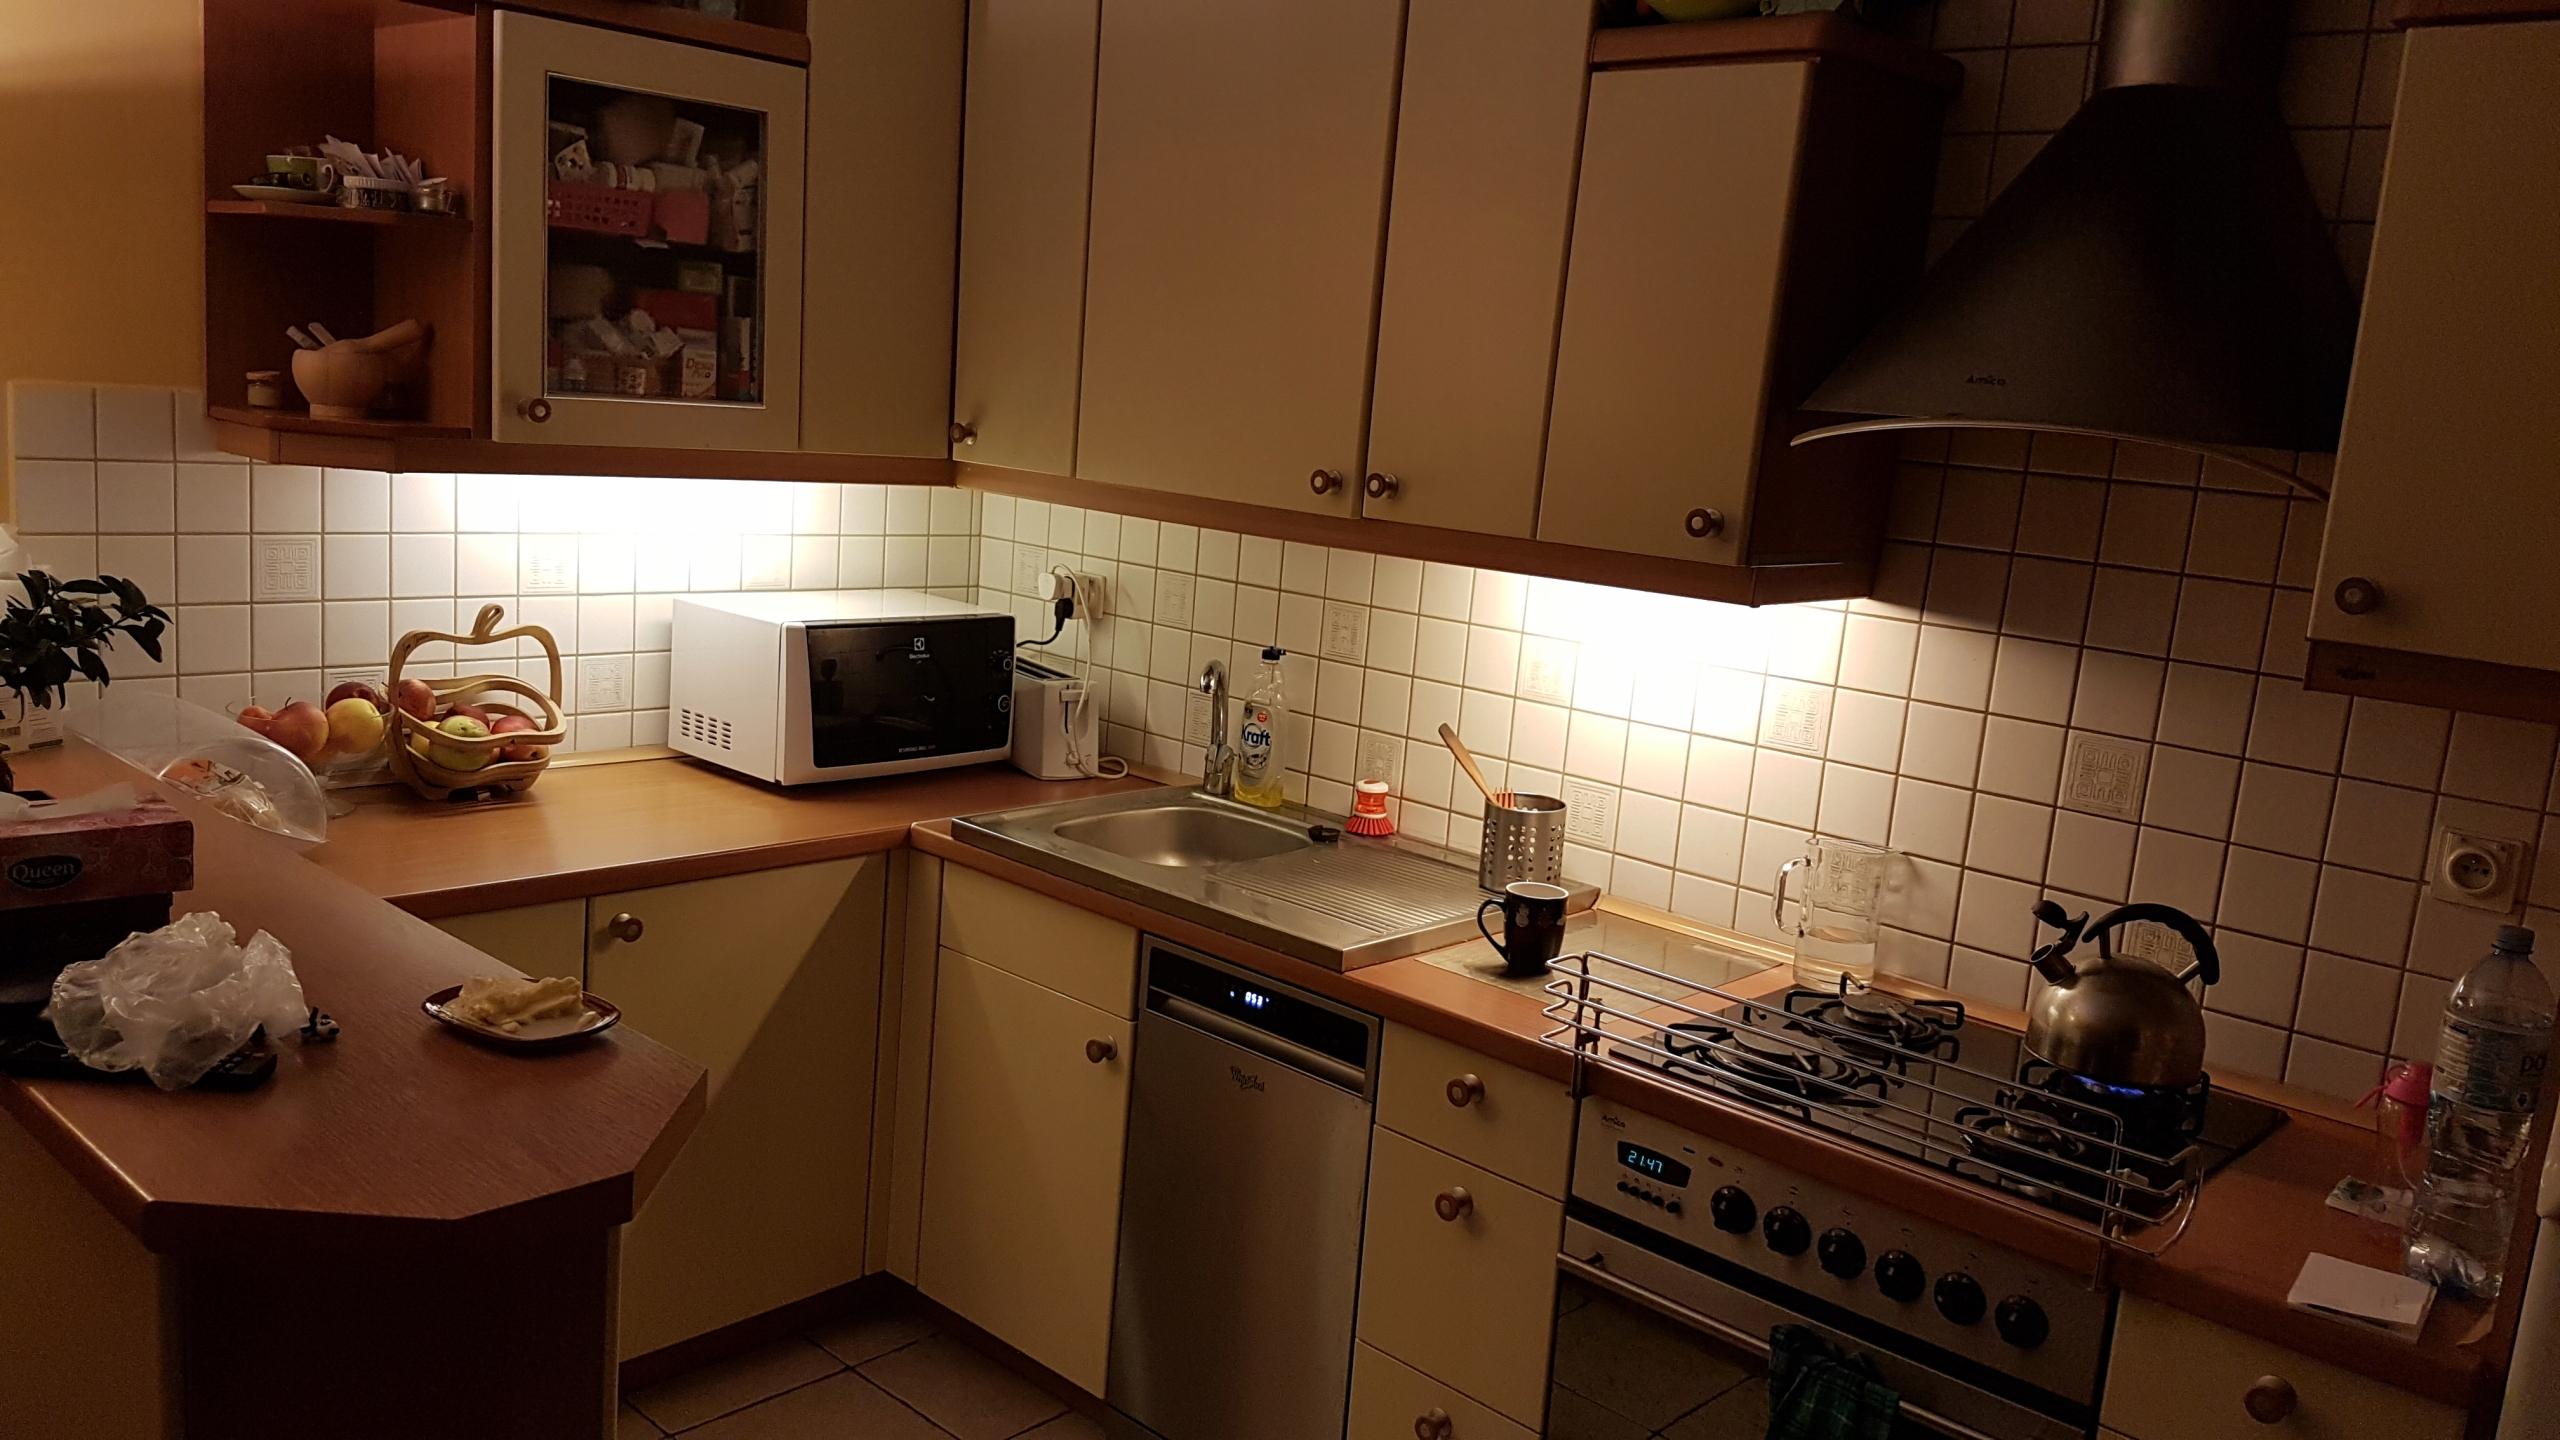 Kuchnia Forte 45złszt Szafki I Pochłaniacz Piła